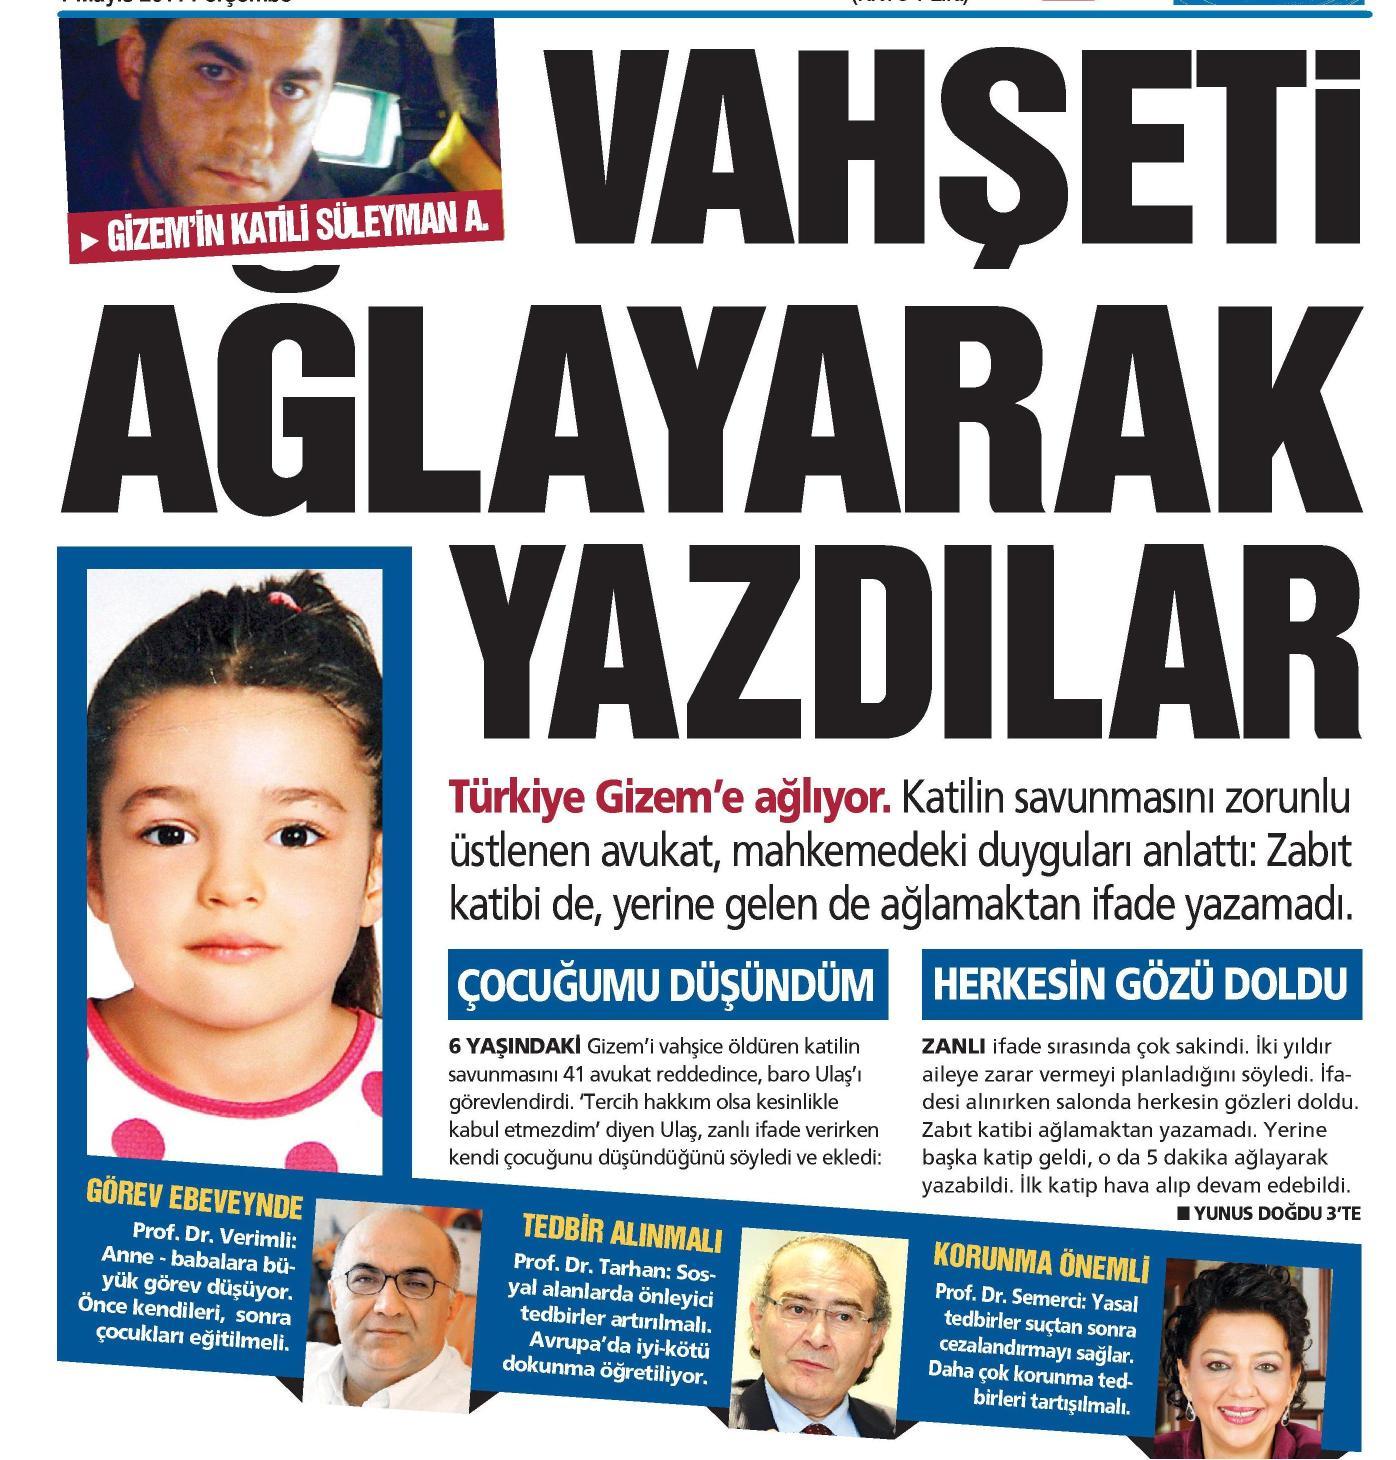 Vahşeti ağlayarak yazdılar - GÜNEŞ 01.05.2014